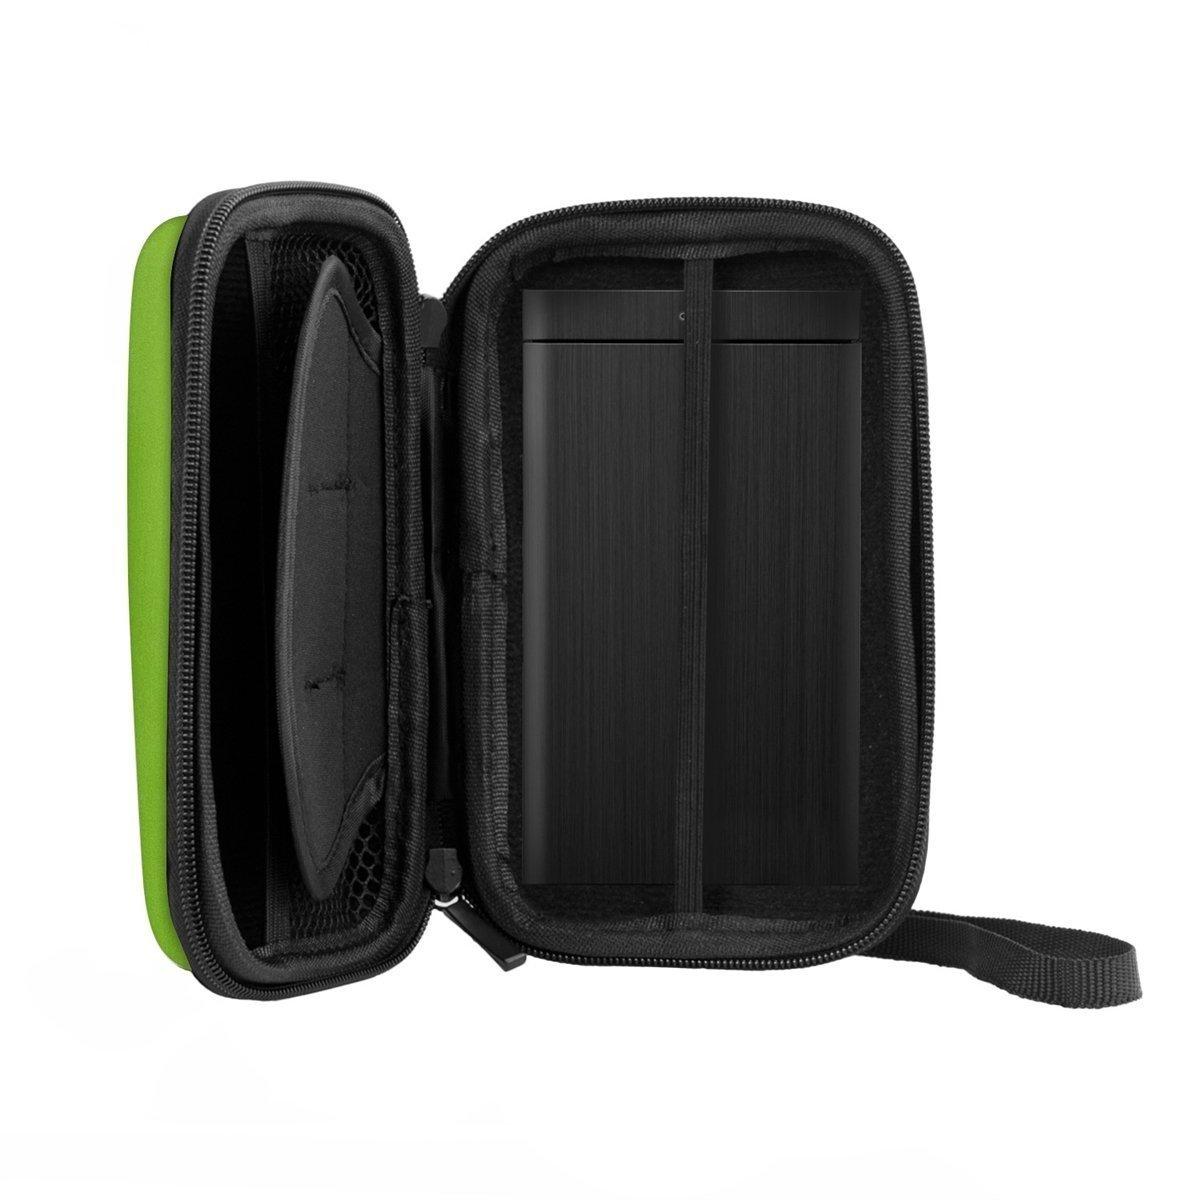 REFURBISHHOUSE Pochette de Transport Boitier de Disque Dur Housse Externe pour Disque Dur USB 2.5 Pouce Vert